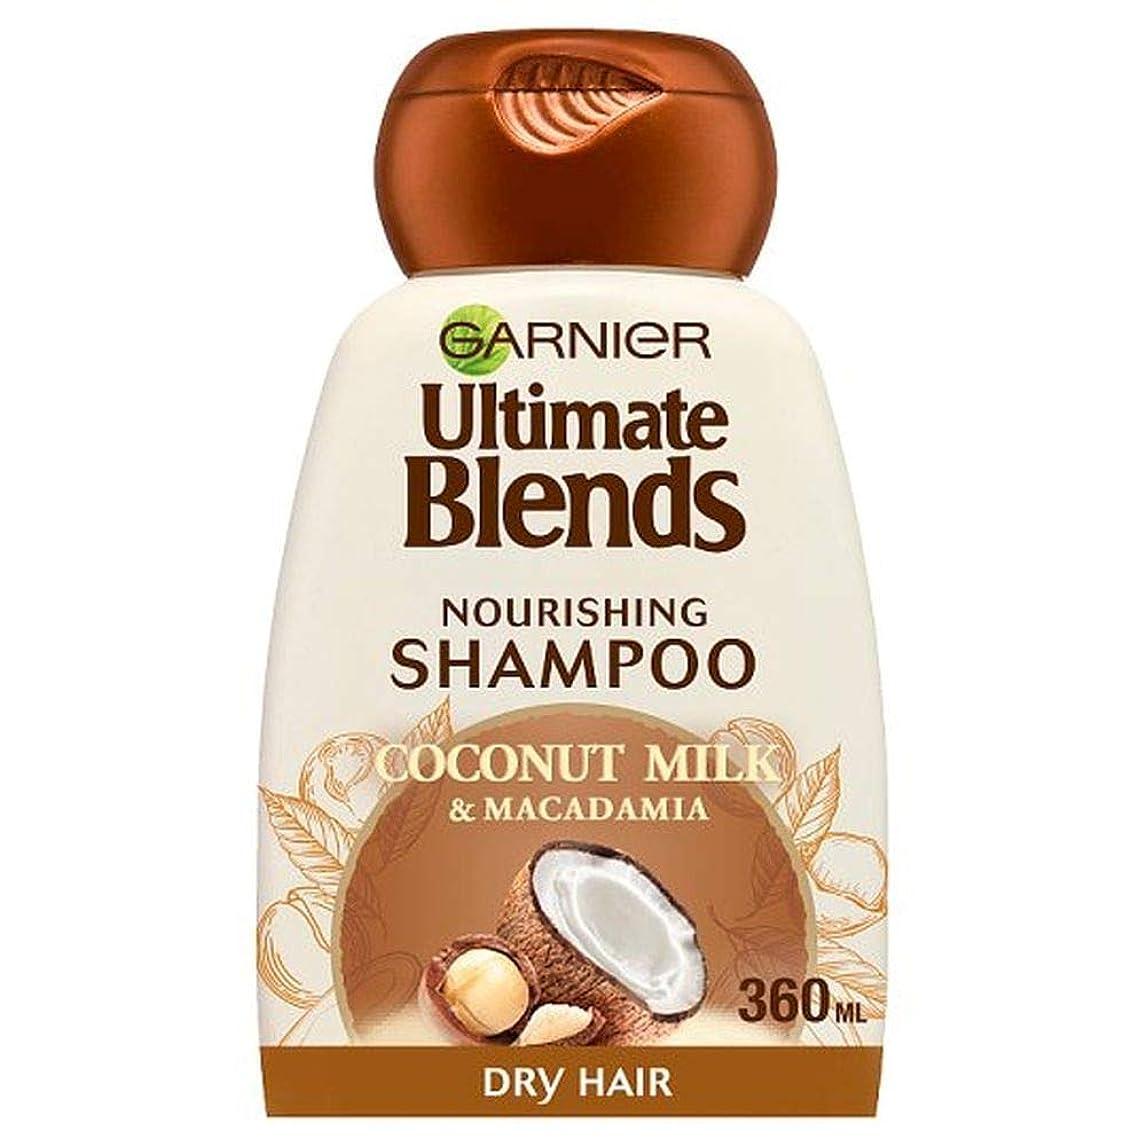 無知例副産物[Garnier ] ガルニエ究極のブレンドココナッツミルクシャンプー乾いた髪の360ミリリットル - Garnier Ultimate Blends Coconut Milk Shampoo Dry Hair 360Ml [並行輸入品]